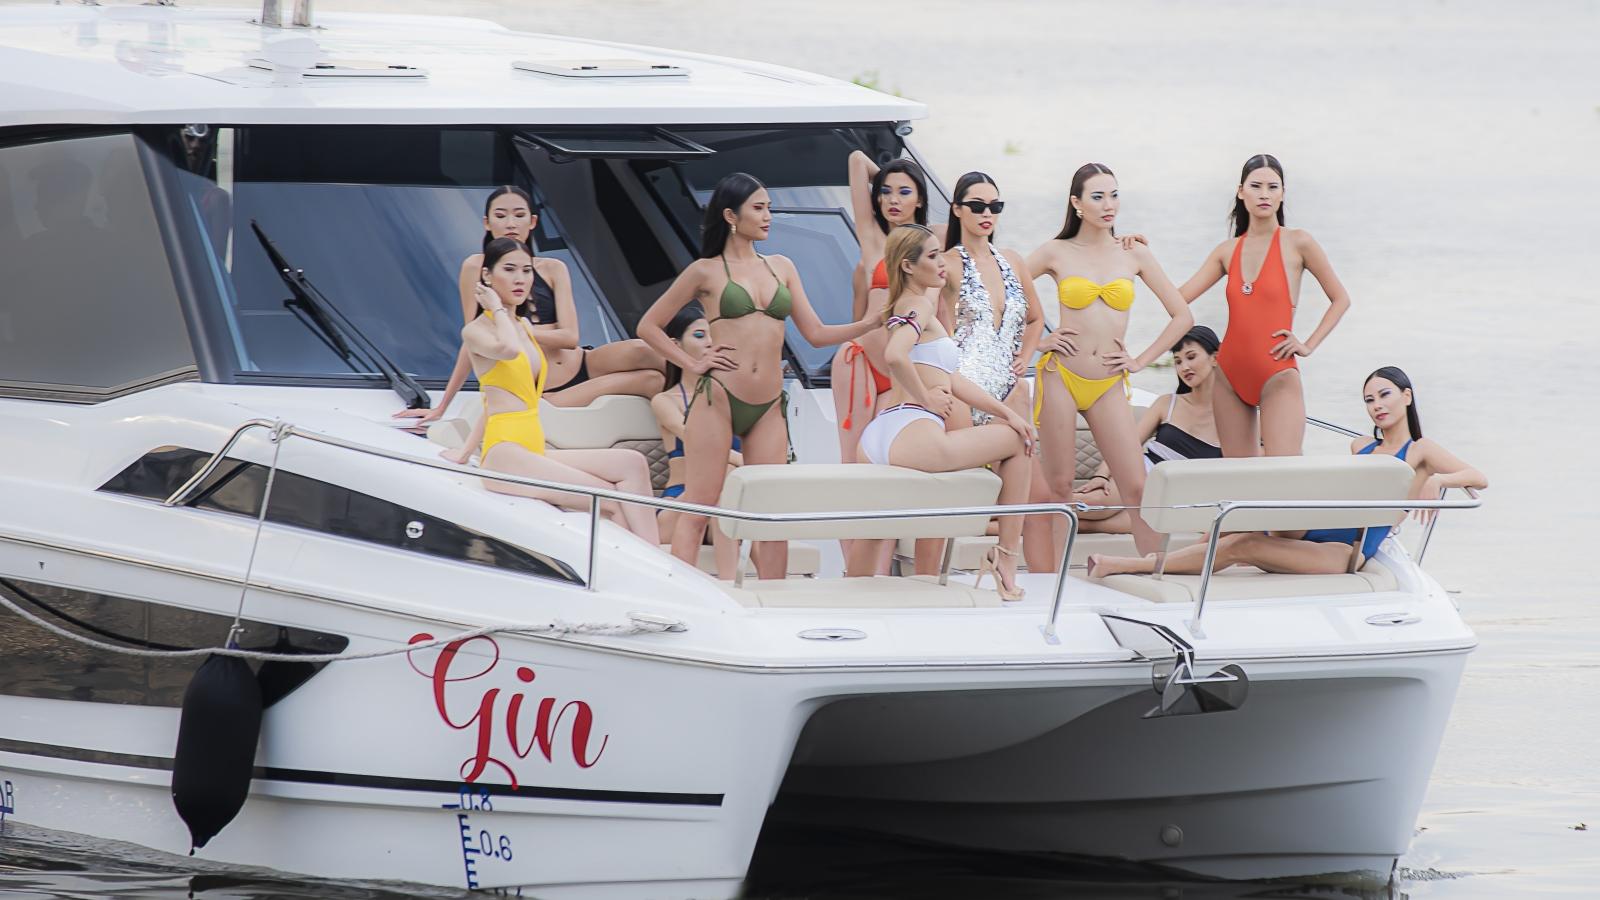 Hà Anh trình diễn bikini trên du thuyền sang chảnh 13 tỷ đồng